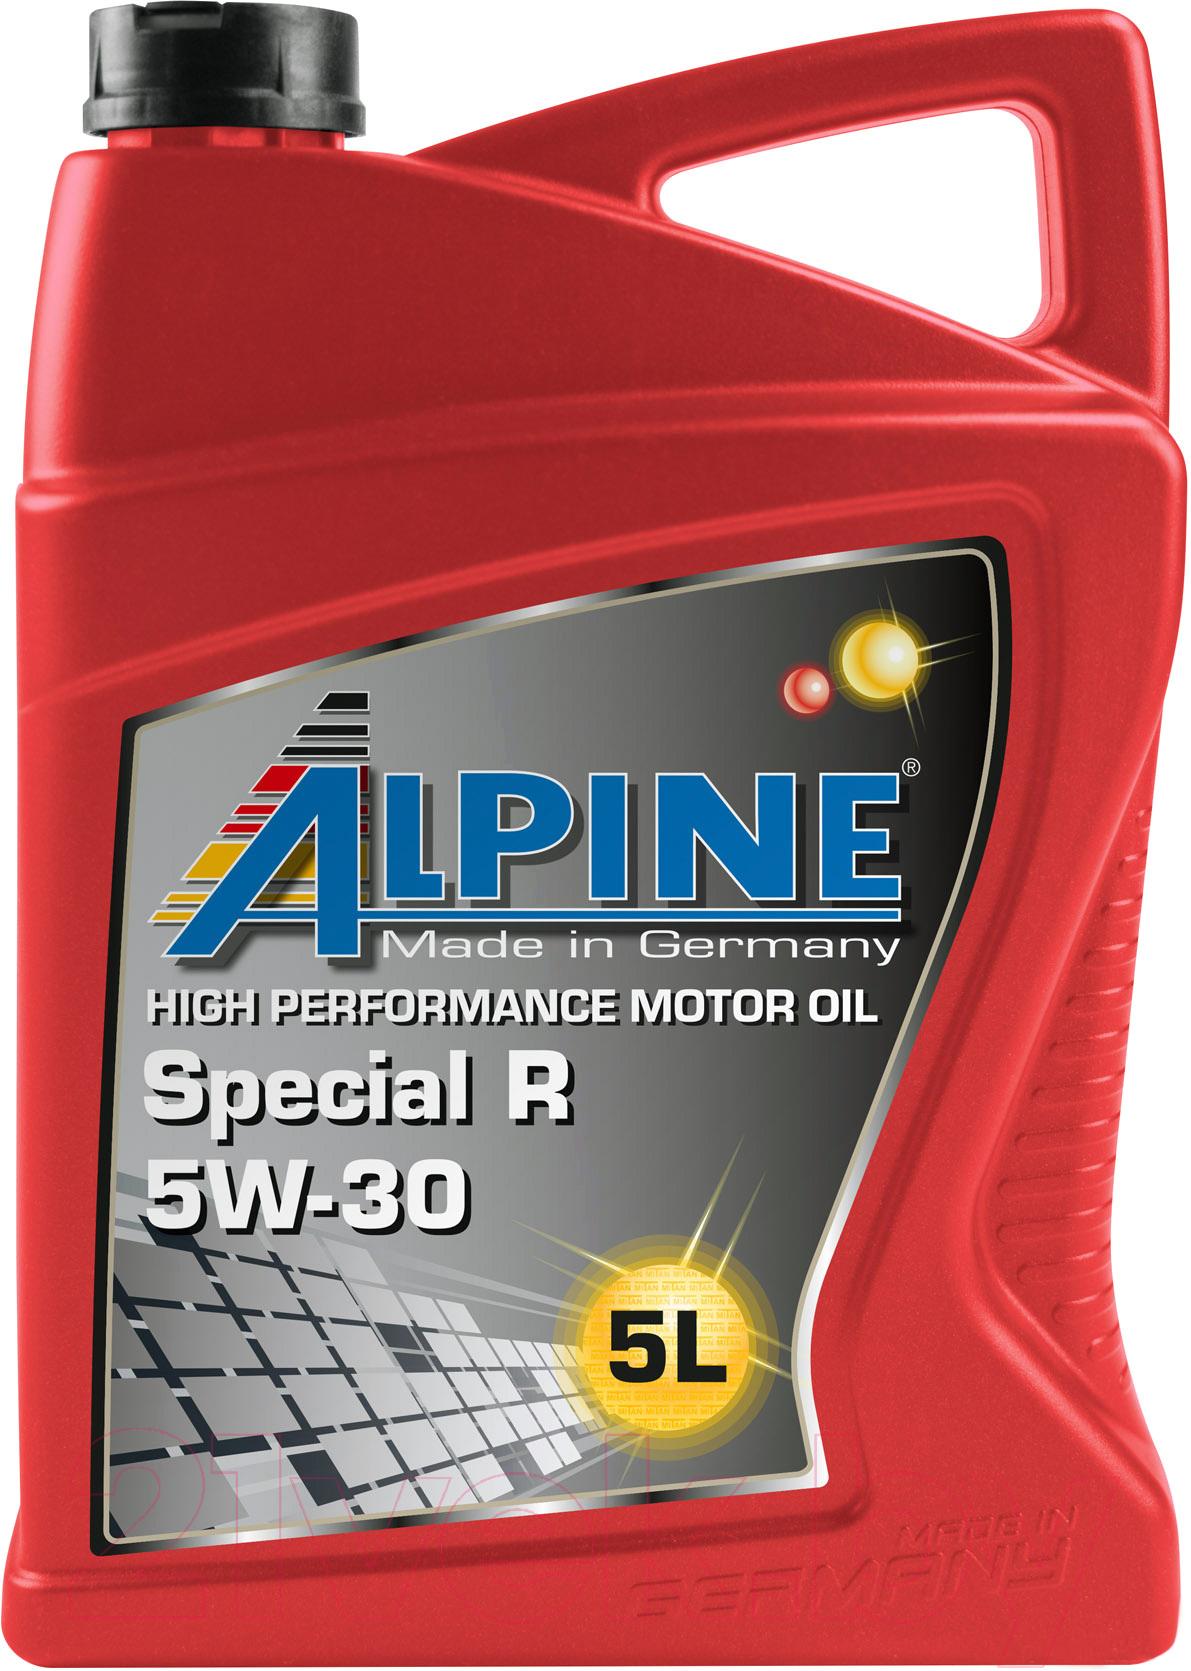 Купить Моторное масло ALPINE, Special R 5W30 / 0101402 (5л), Германия